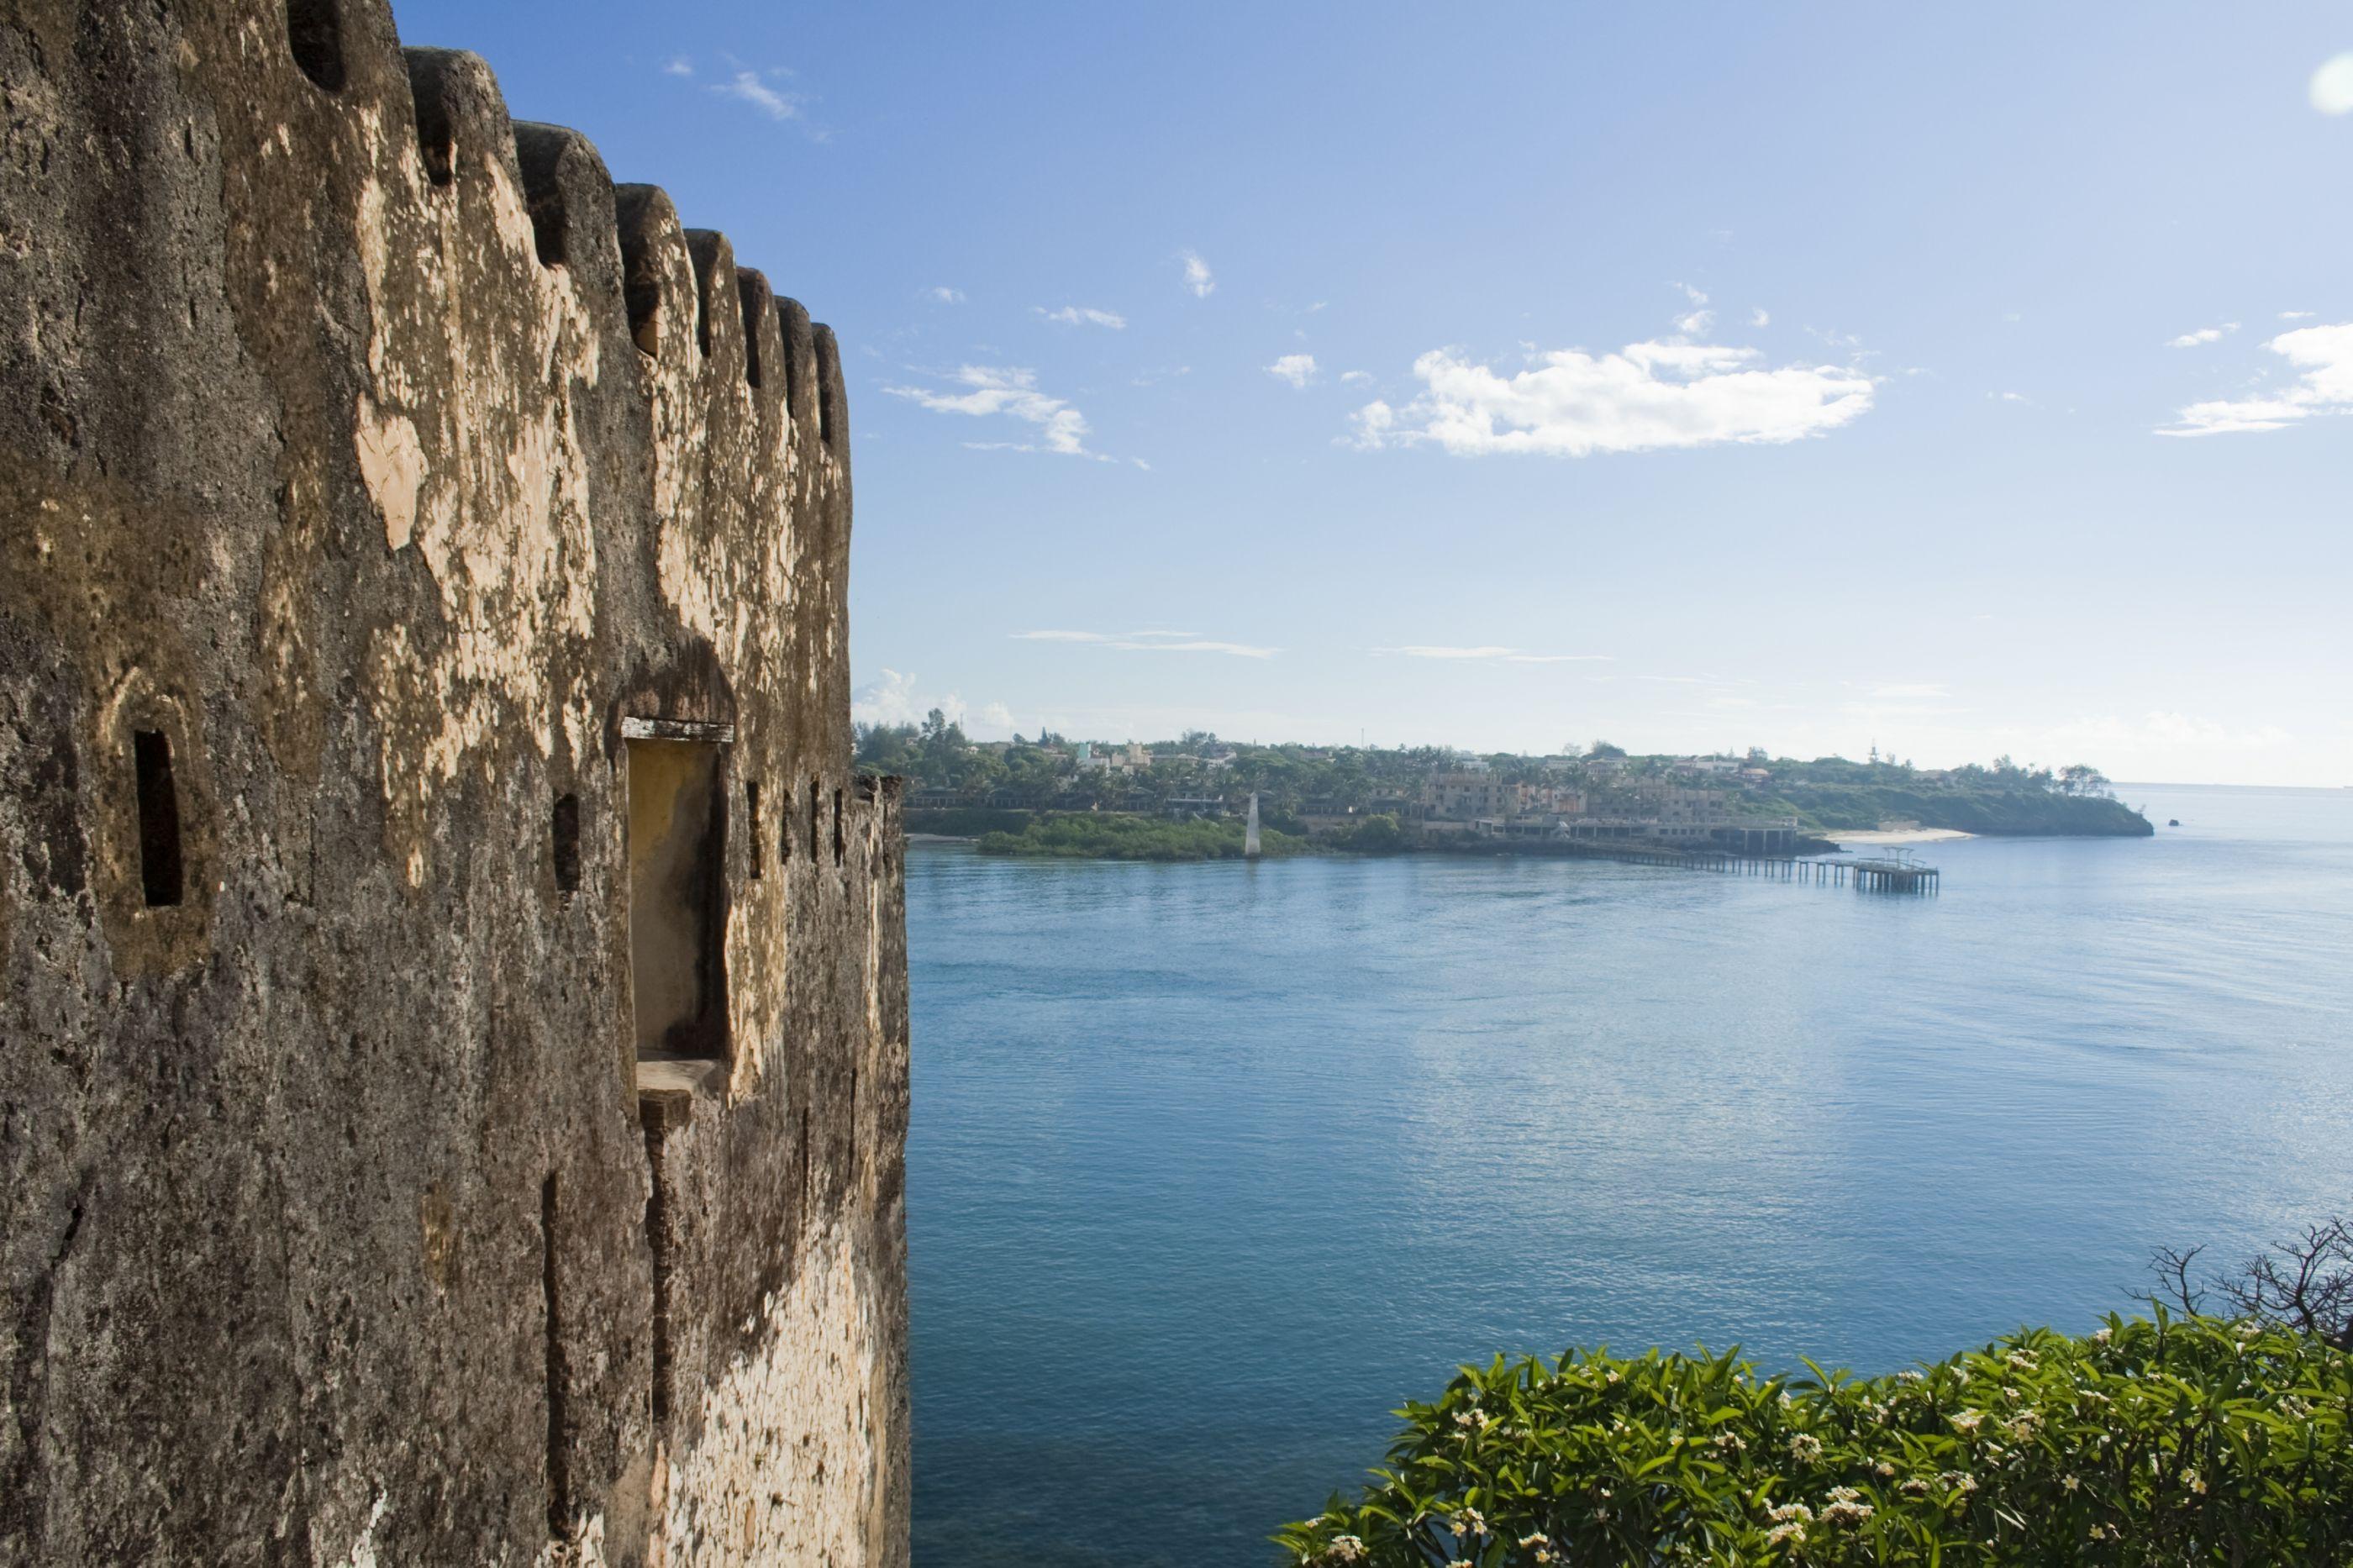 Mar ameaça herança de Vasco da Gama no Quénia